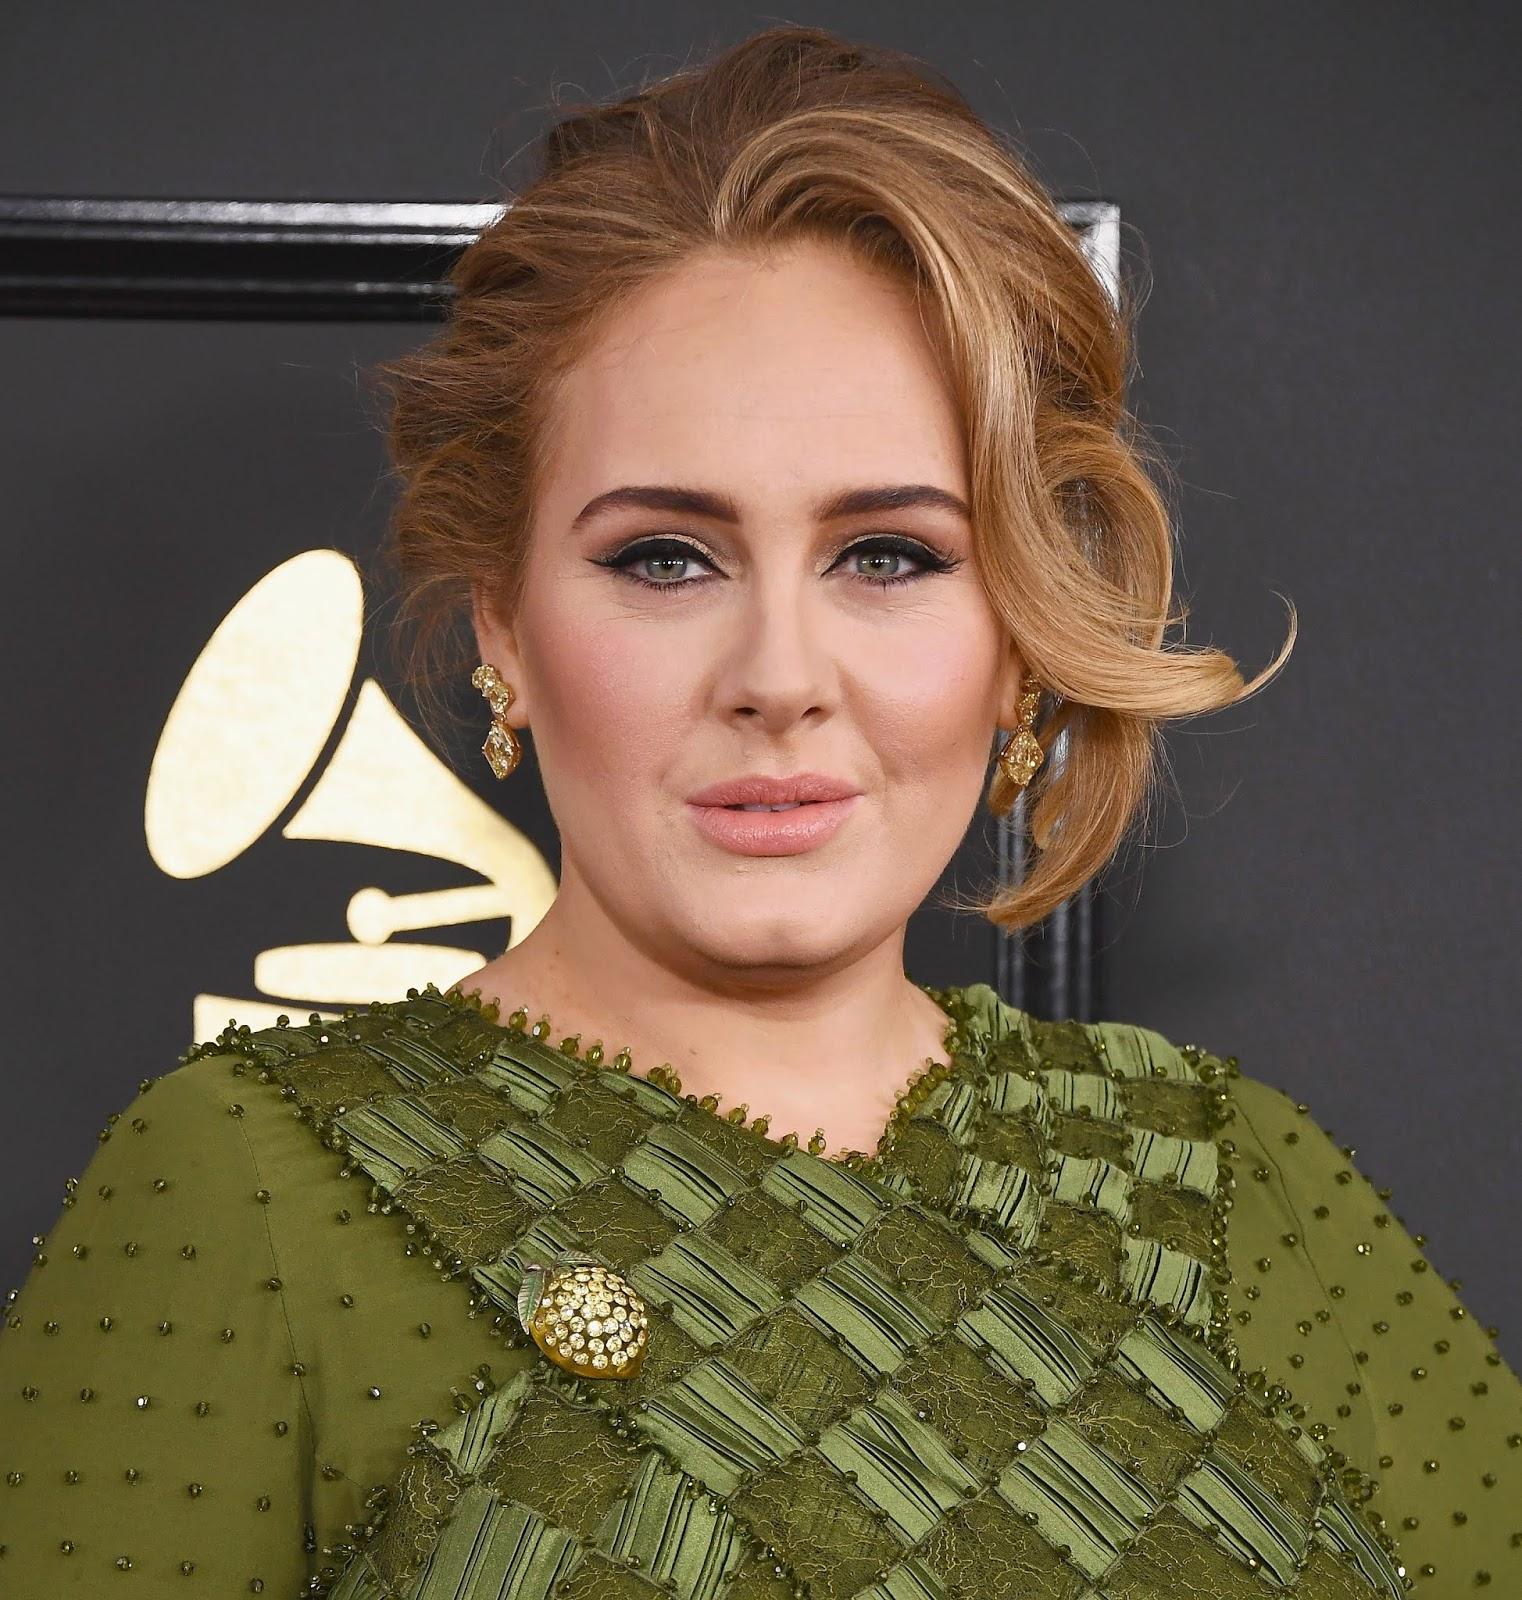 ADELE%2B04 - Adele Perde Peso e Choca a Todos Com Transformação - Noticia